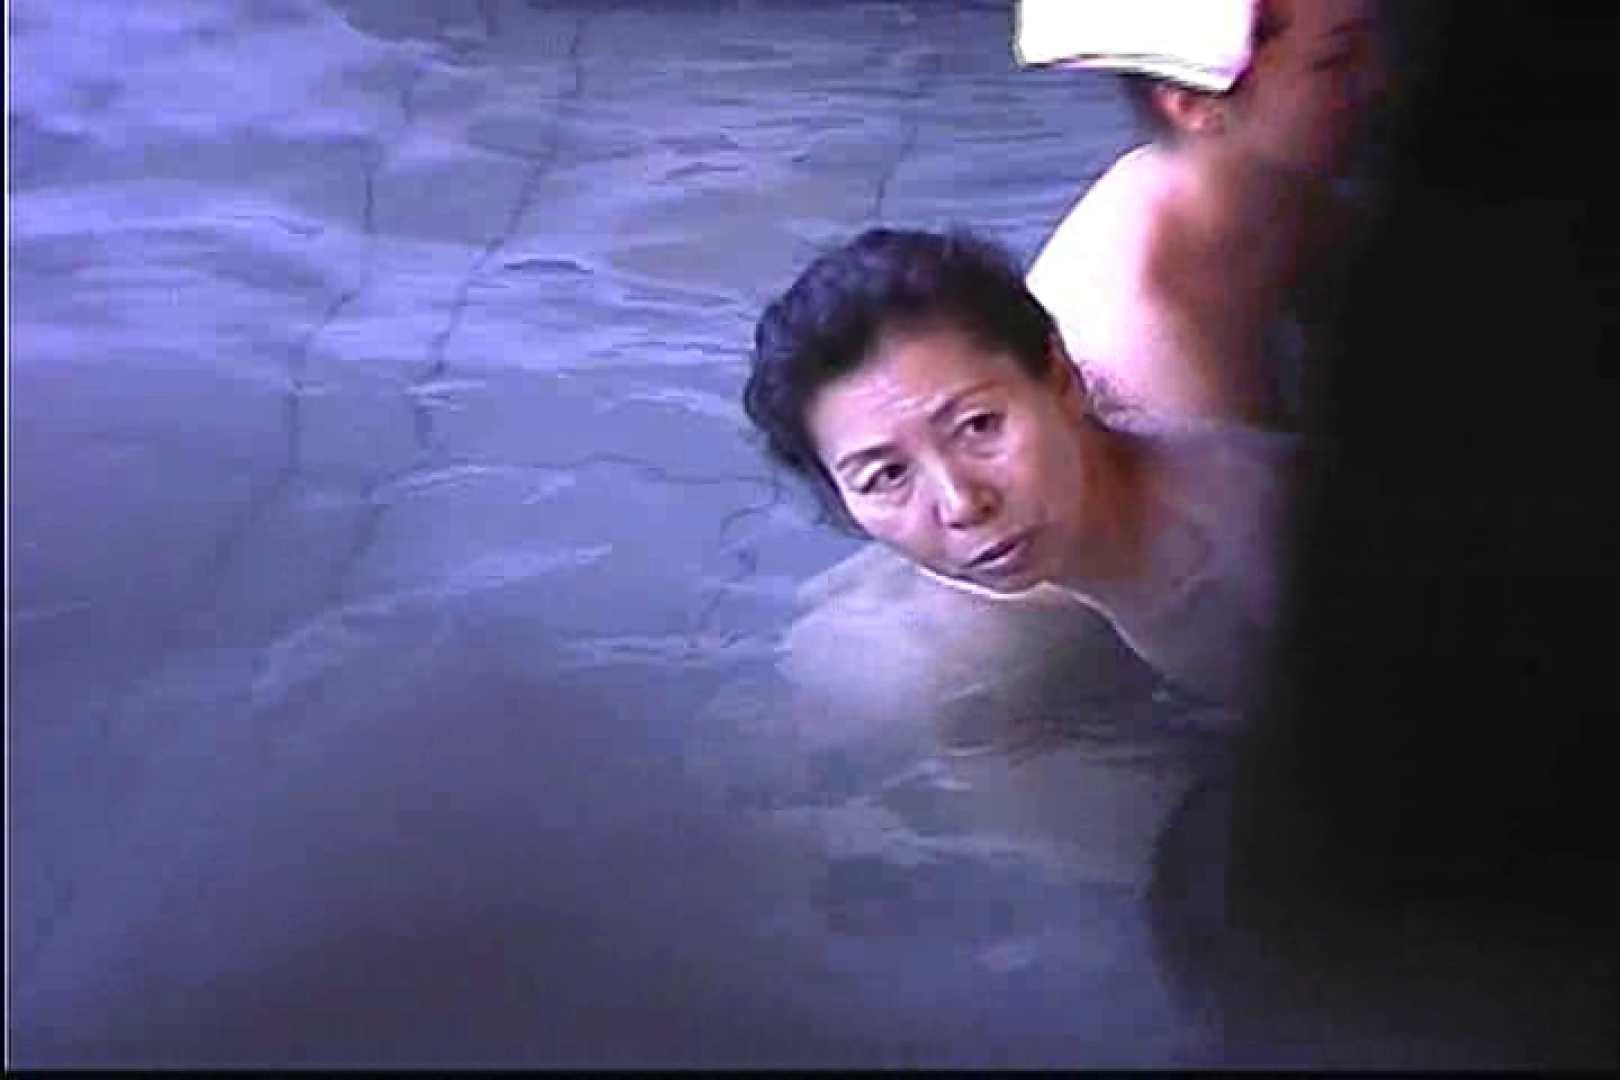 激撮!! 接写天井裏の刺客Vol.6 女子風呂  106枚 43